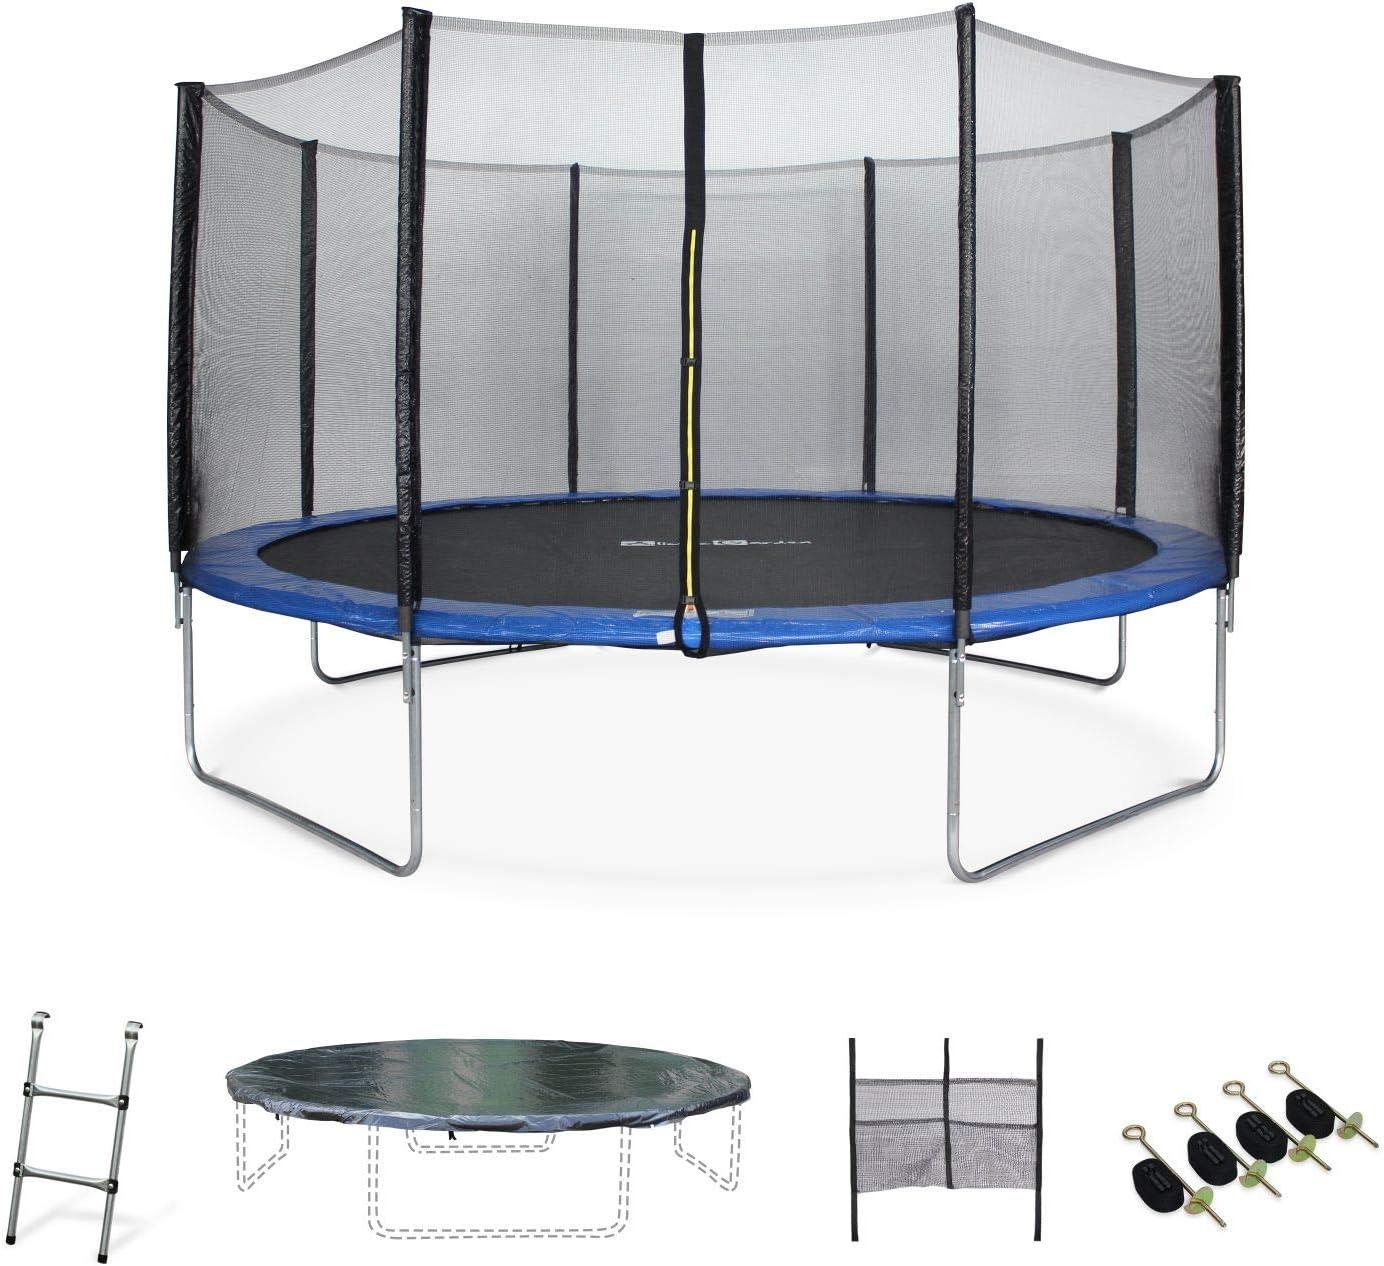 Alice's Garden - Cama elástica, Trampolin de 430 cm, aguanta hasta 150 kg (estructura reforzada). Inluye: escalera + funda protectora + bolsilla para zapatos - VENUS XXL